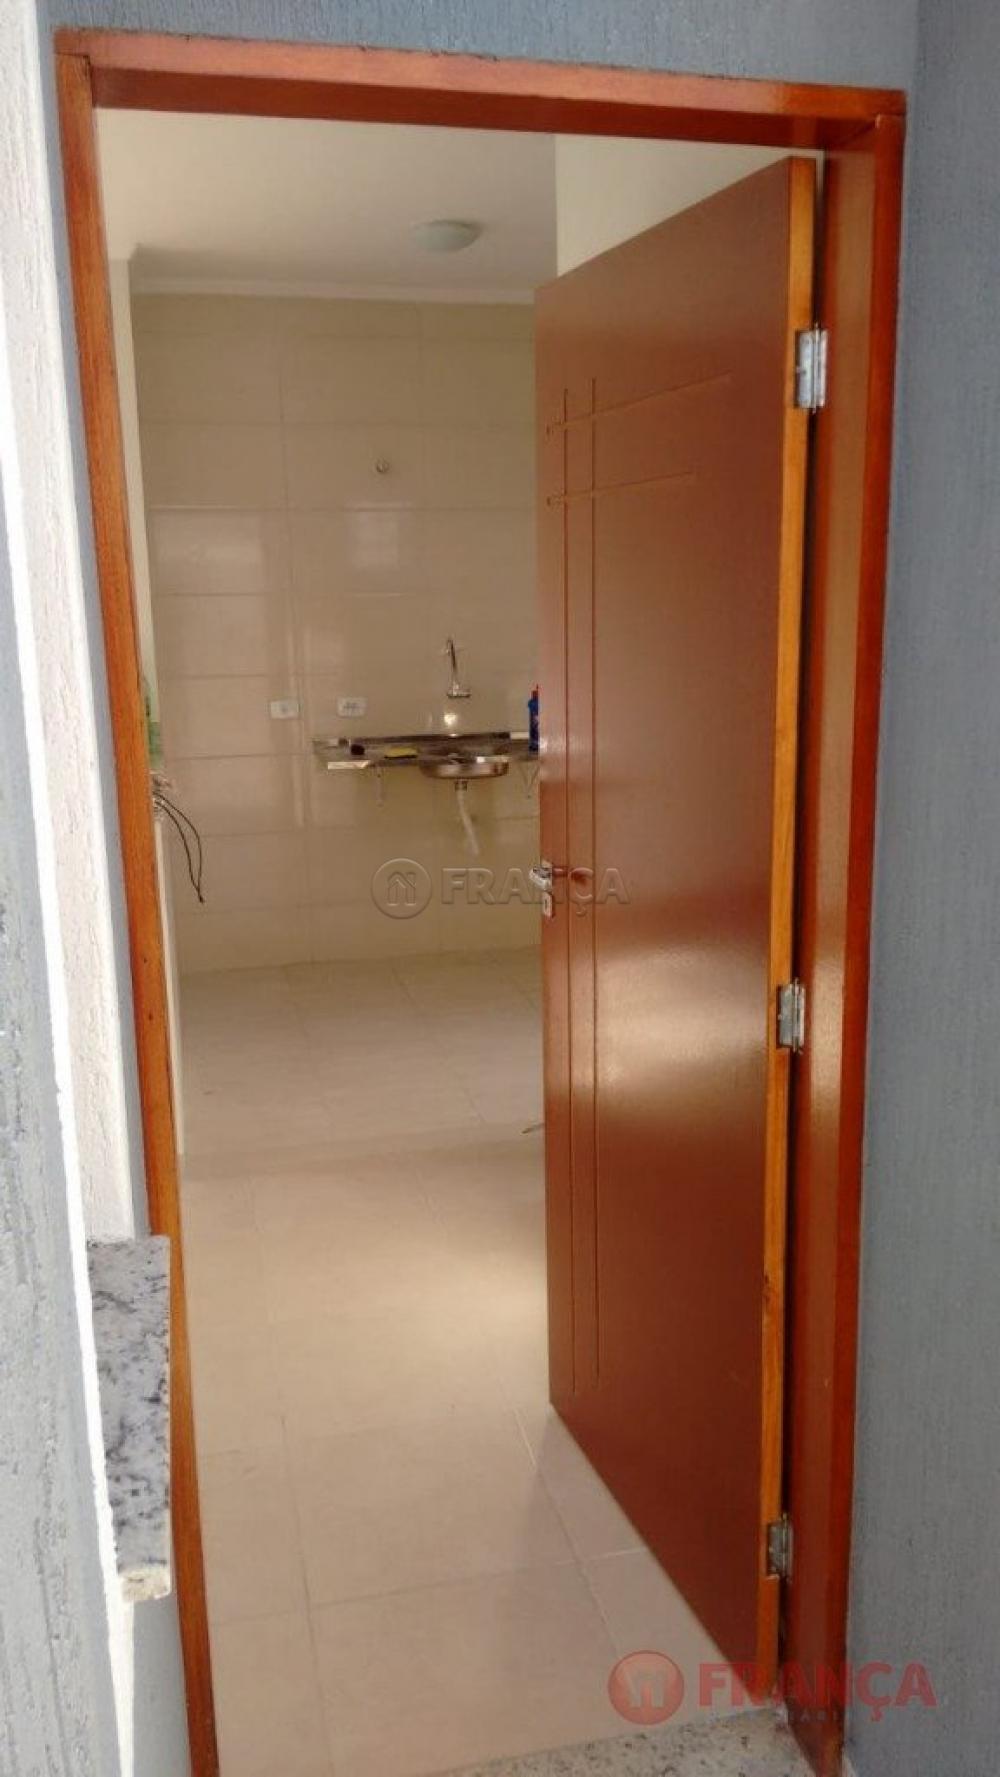 Comprar Casa / Padrão em Jacareí apenas R$ 265.000,00 - Foto 27